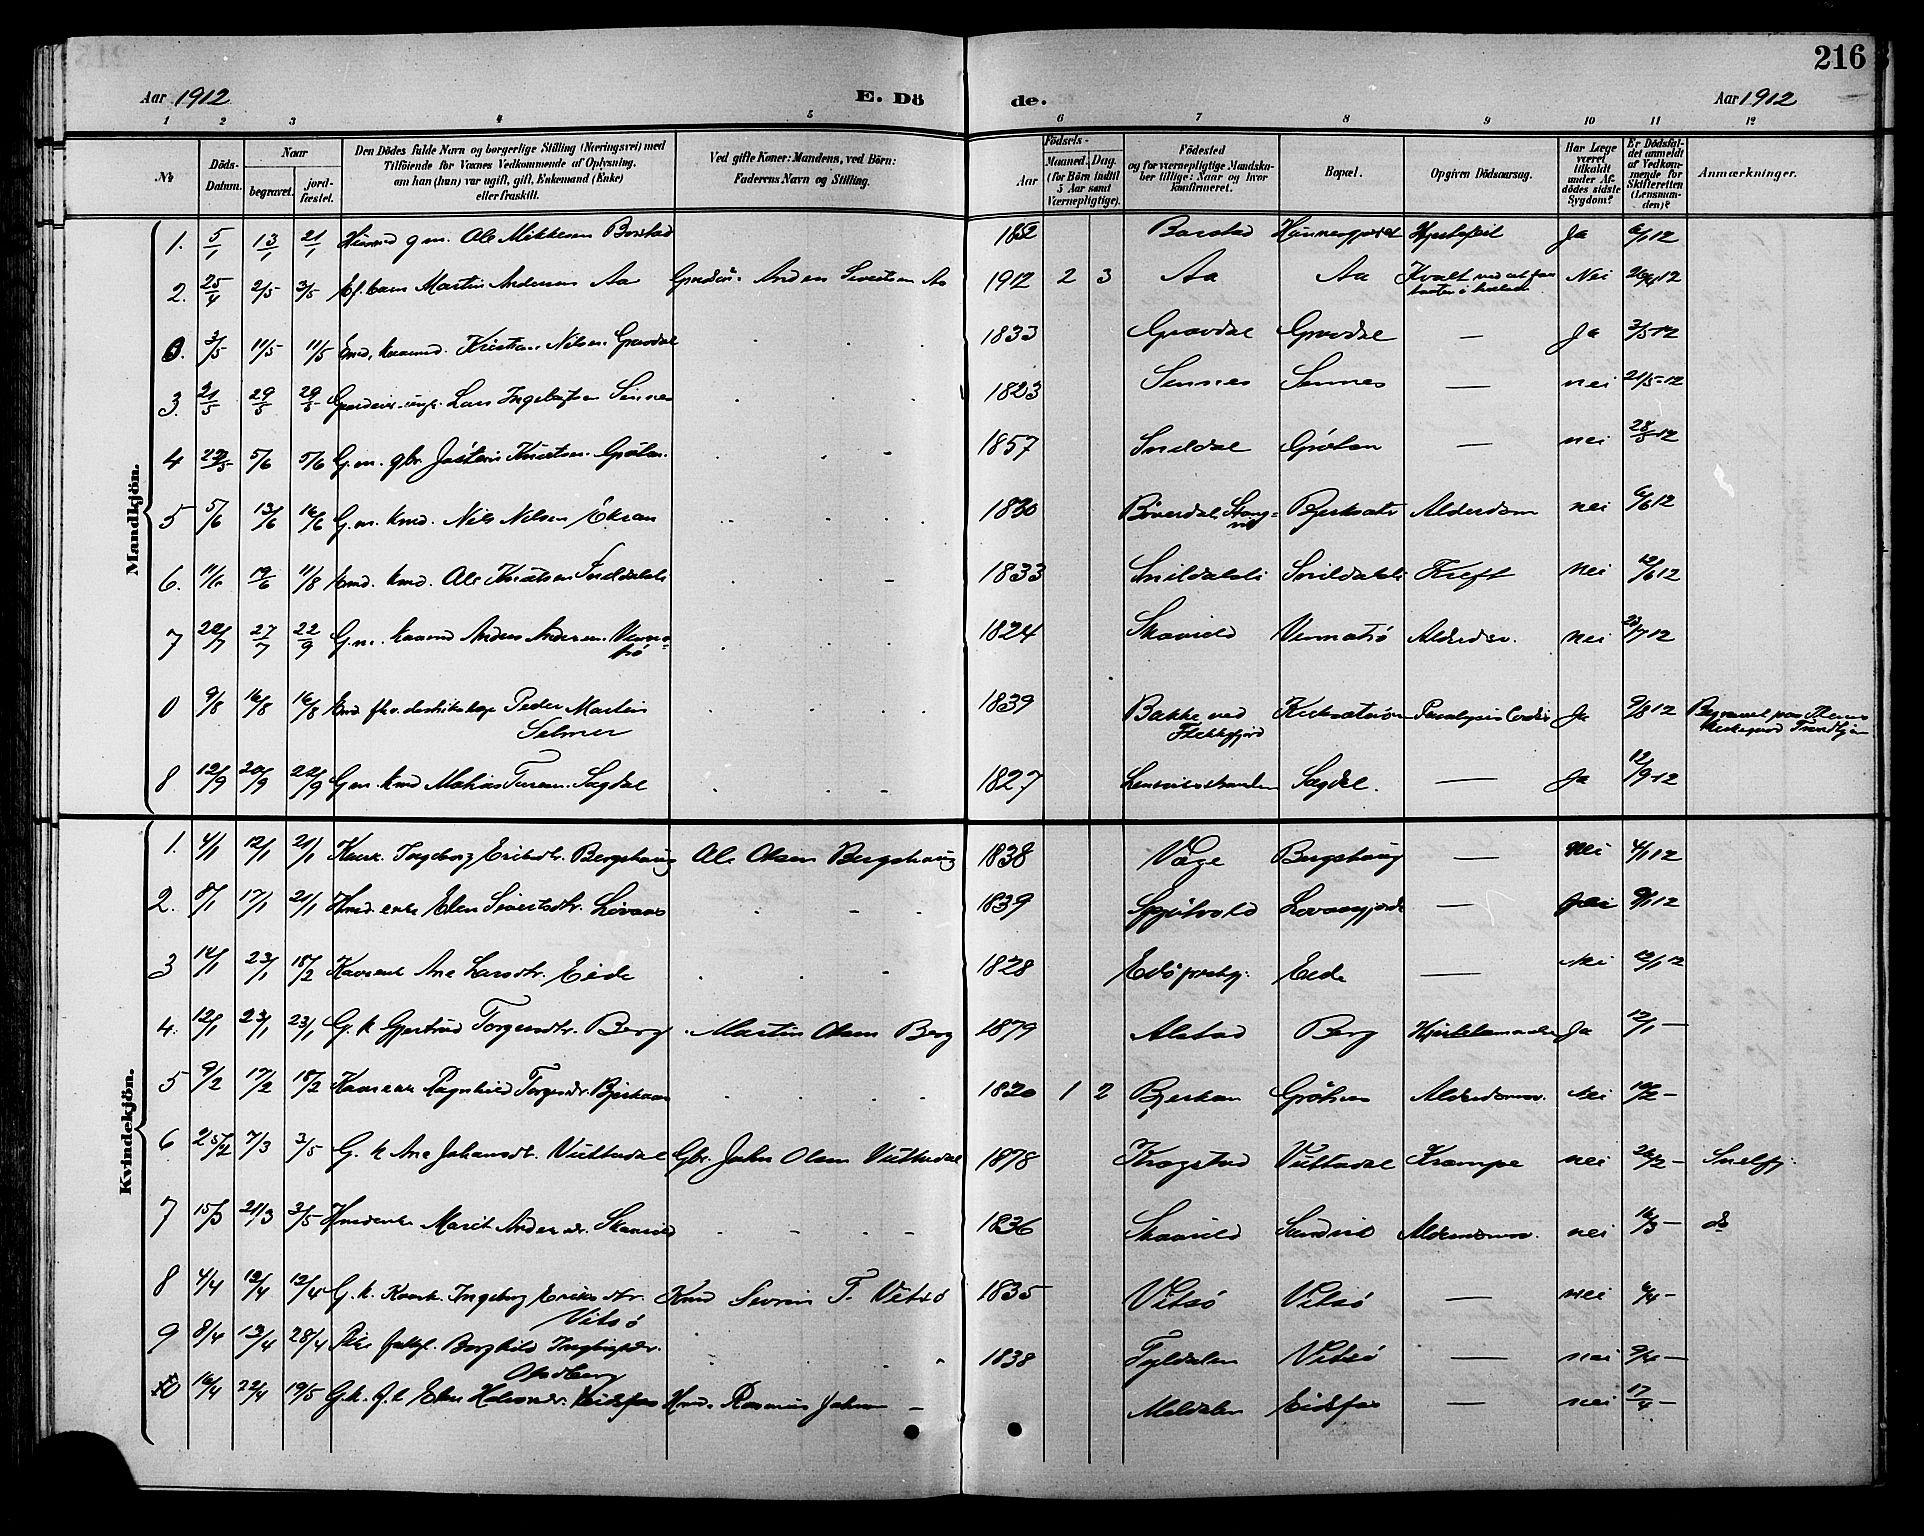 SAT, Ministerialprotokoller, klokkerbøker og fødselsregistre - Sør-Trøndelag, 630/L0505: Klokkerbok nr. 630C03, 1899-1914, s. 216